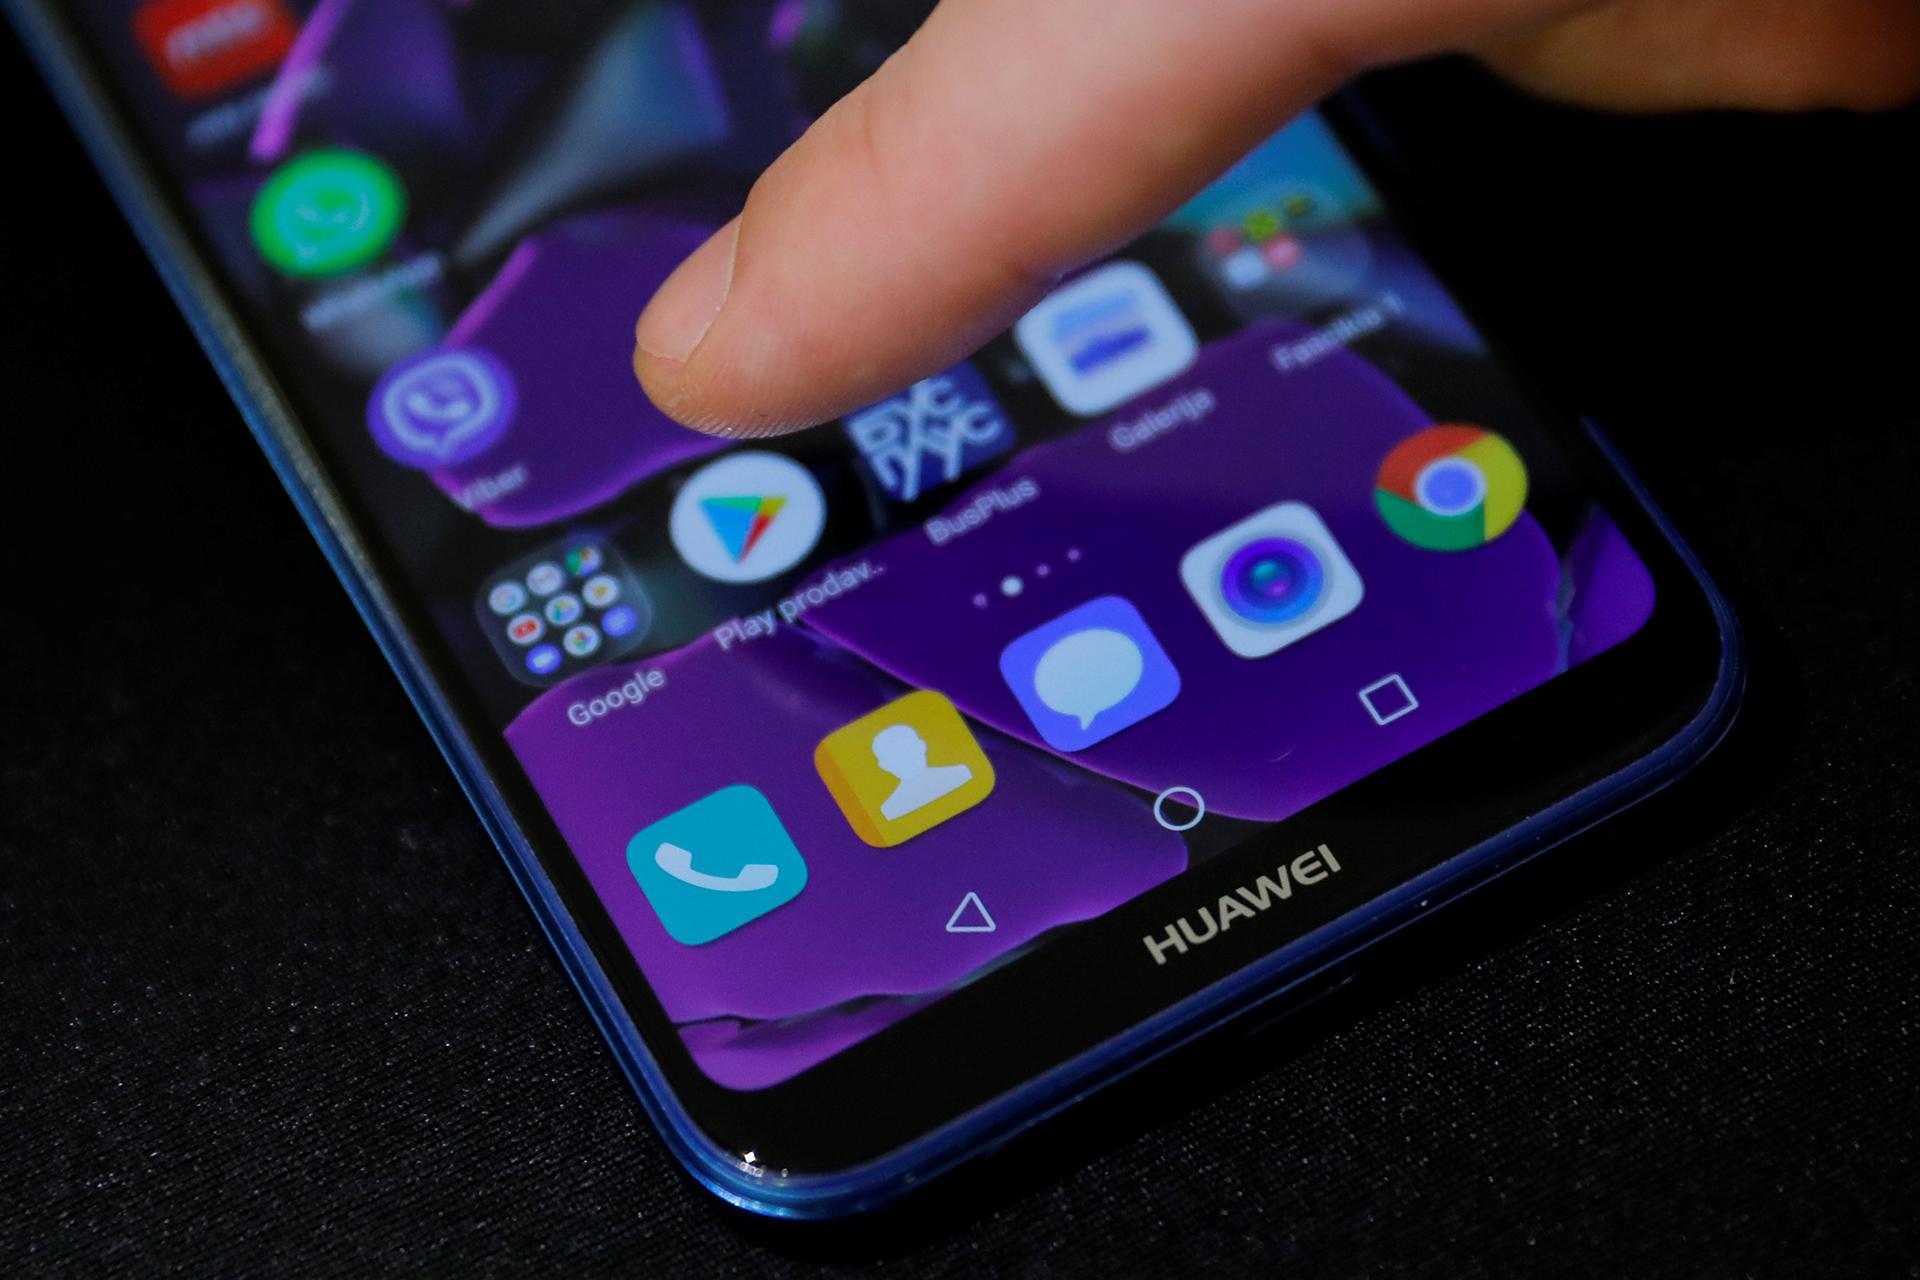 Kho ứng dụng AppGallery của Huawei có thể tìm và cài file APK từ các trang web thứ ba